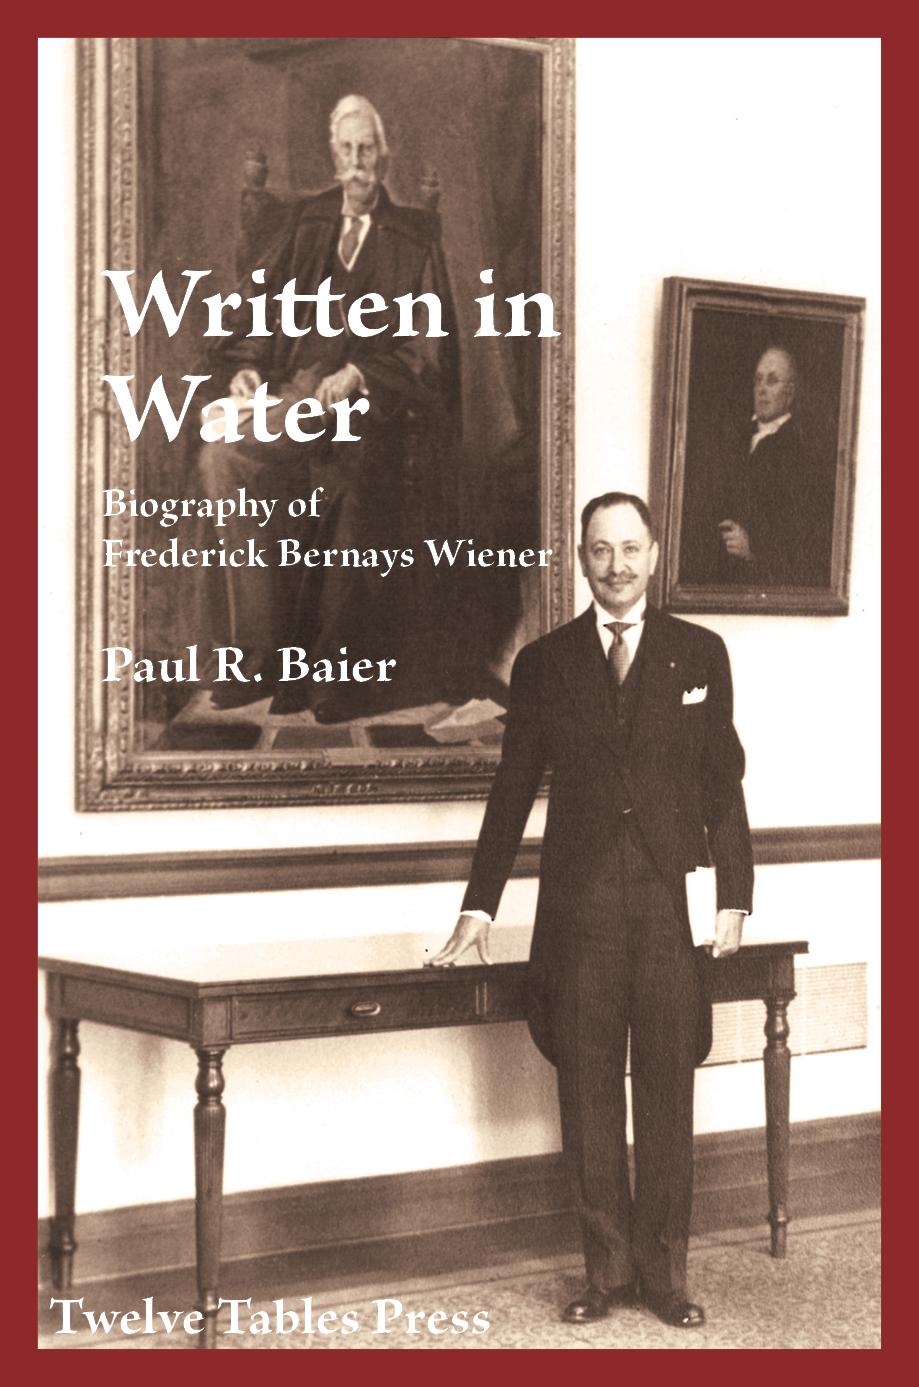 Written in Water Biography of Frederick Bernays Wiener